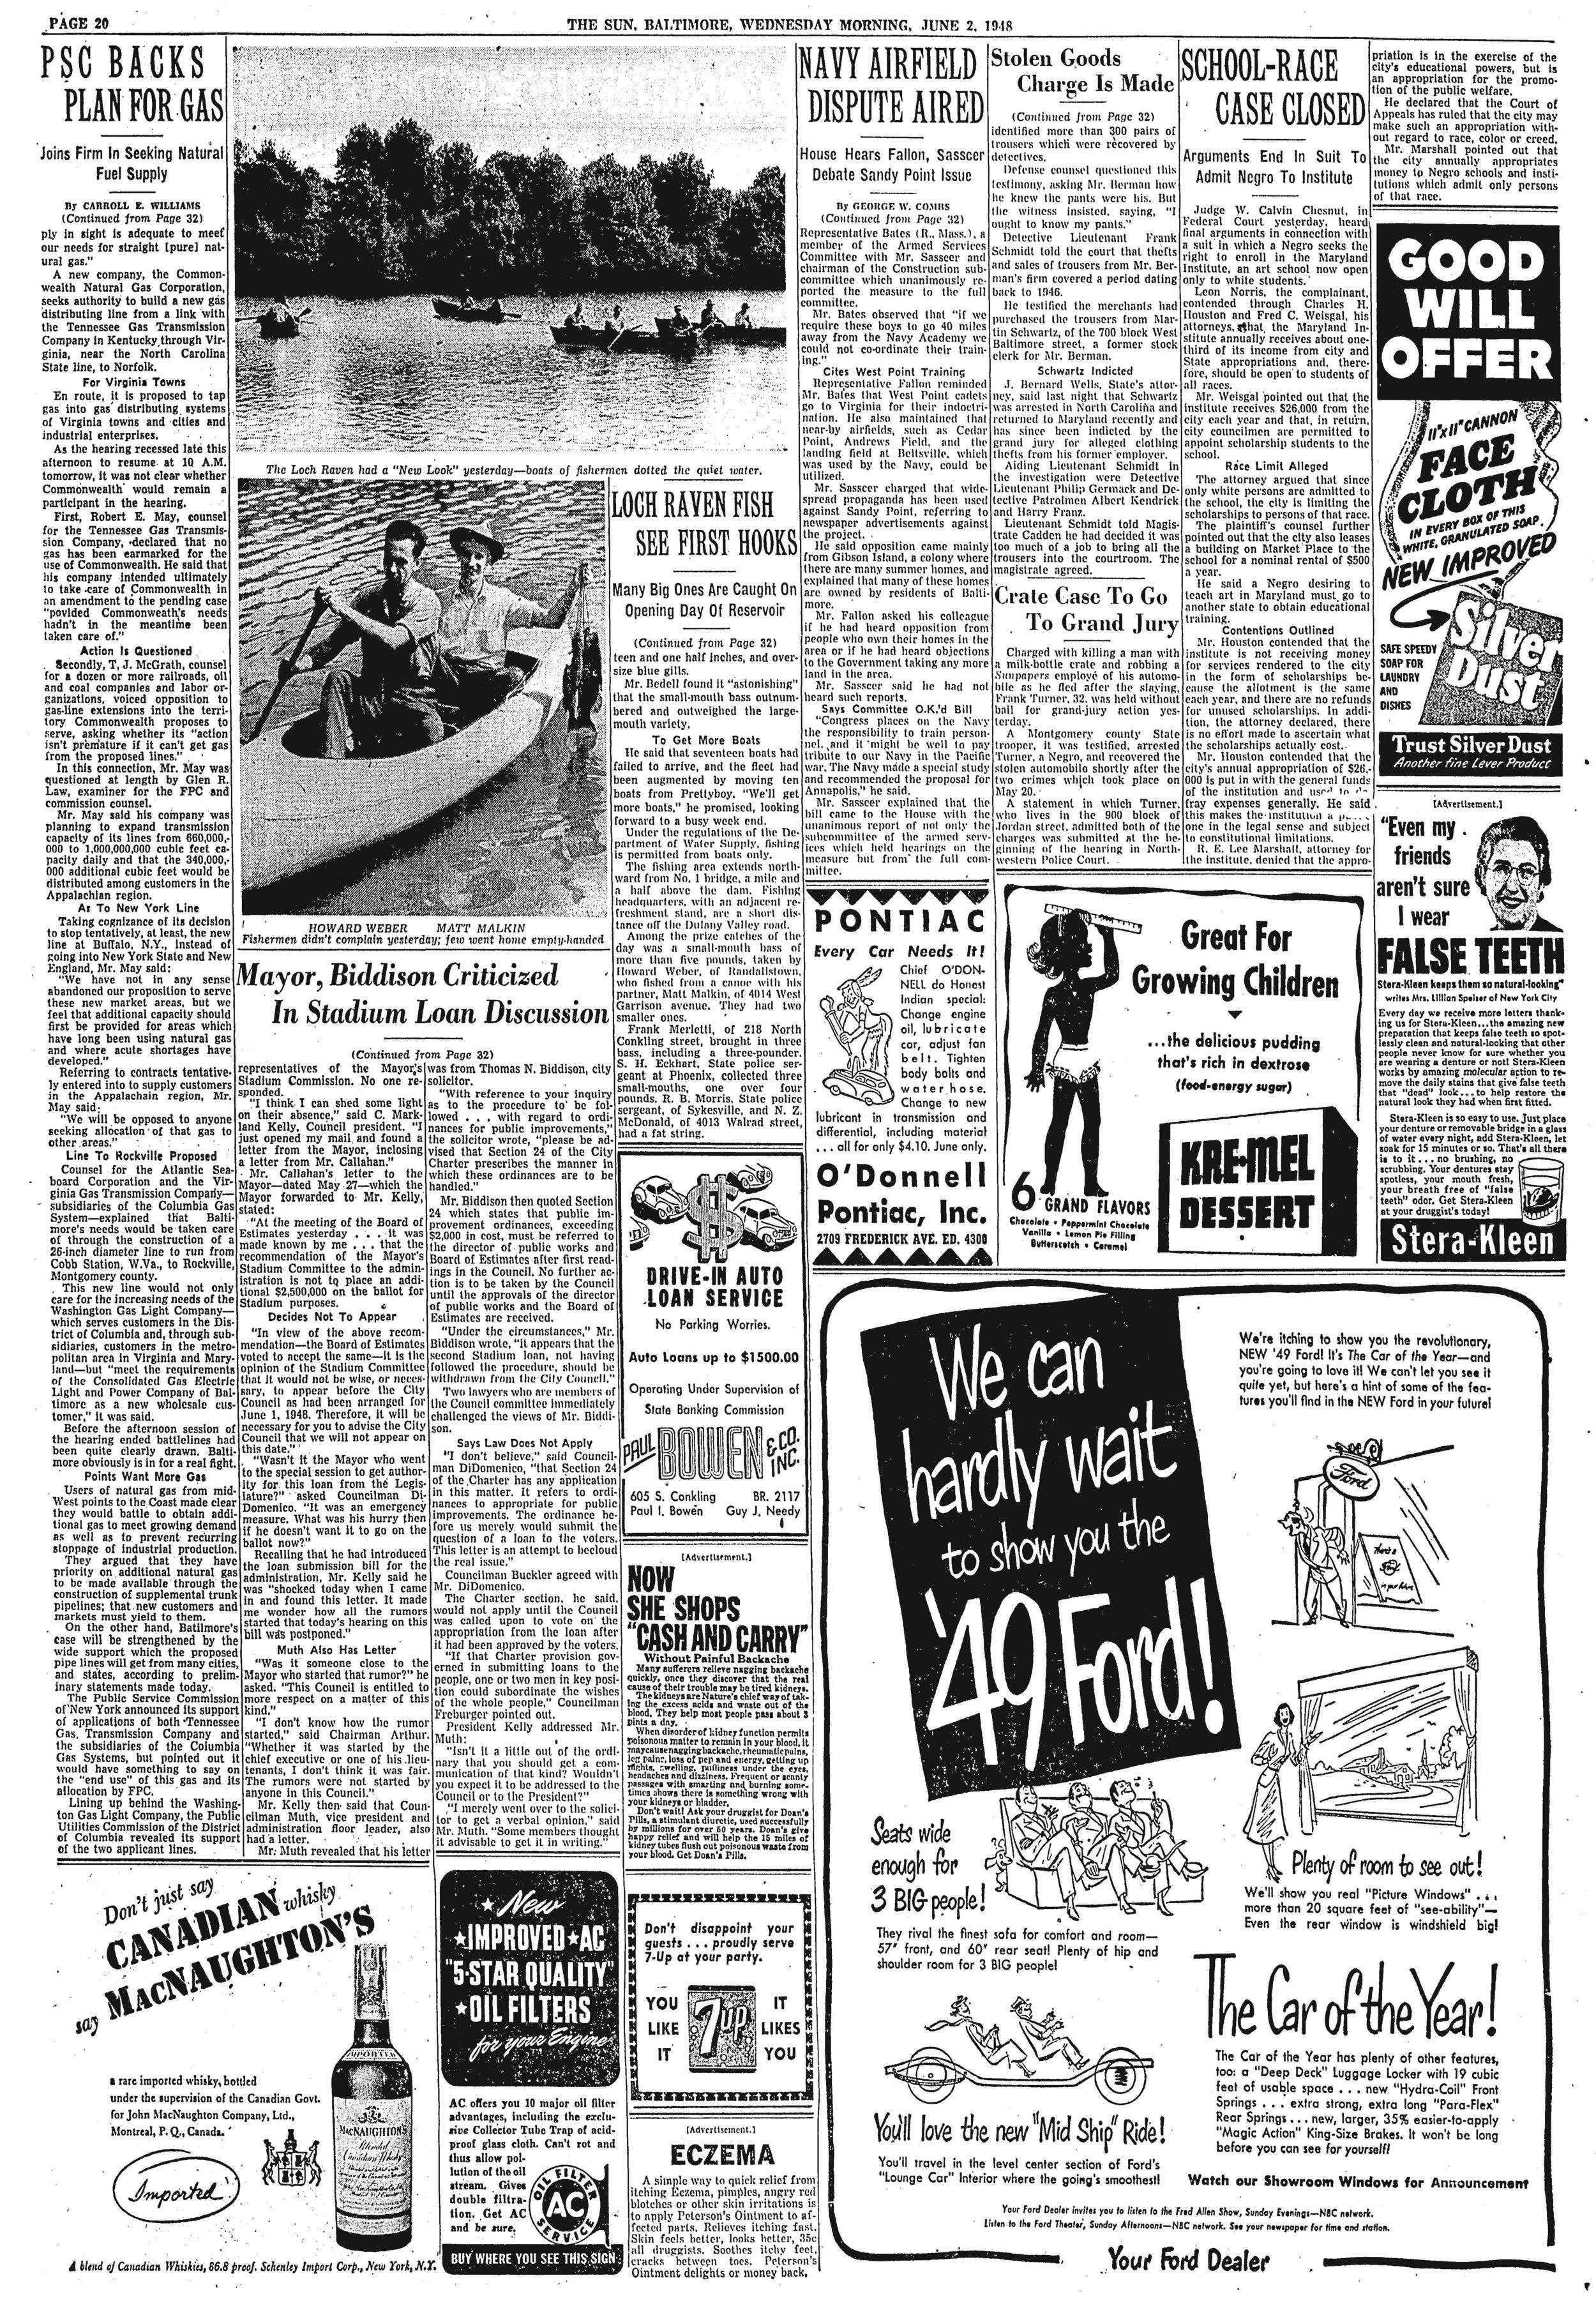 1948-6-2-SCHOOL-RAGE_CASE_CLOSED_ARGUM-2.jpg